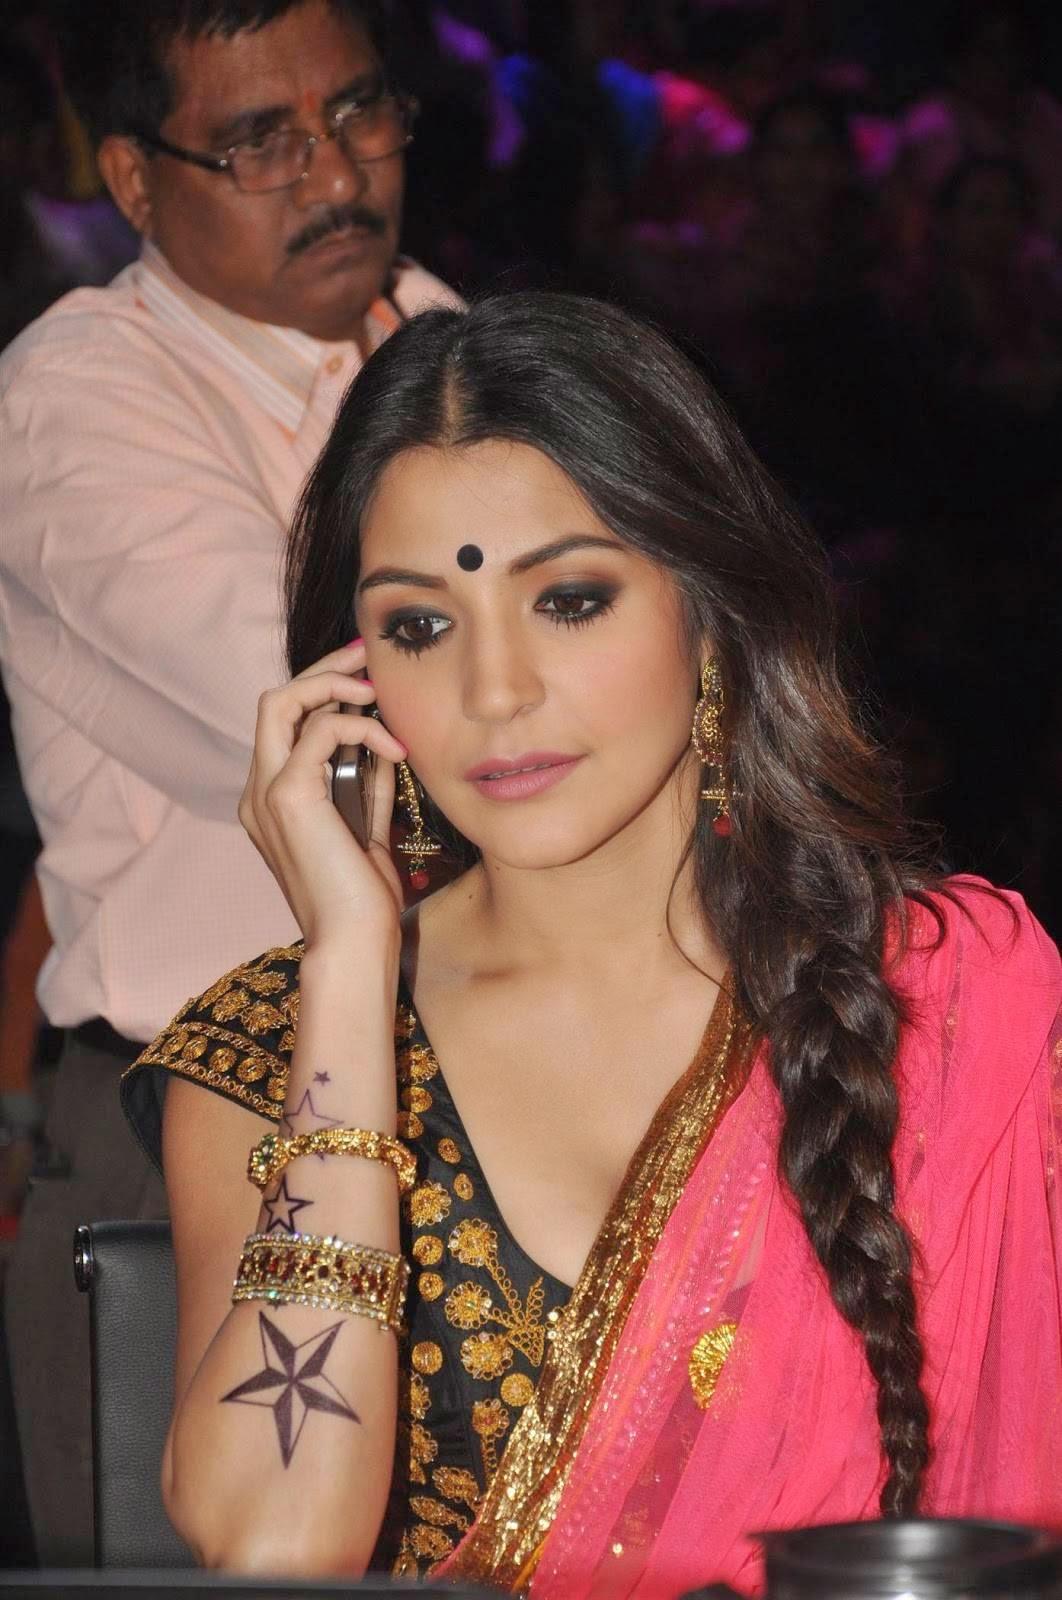 Actress Celebrities Photos: Anushka Sharma - New Cute